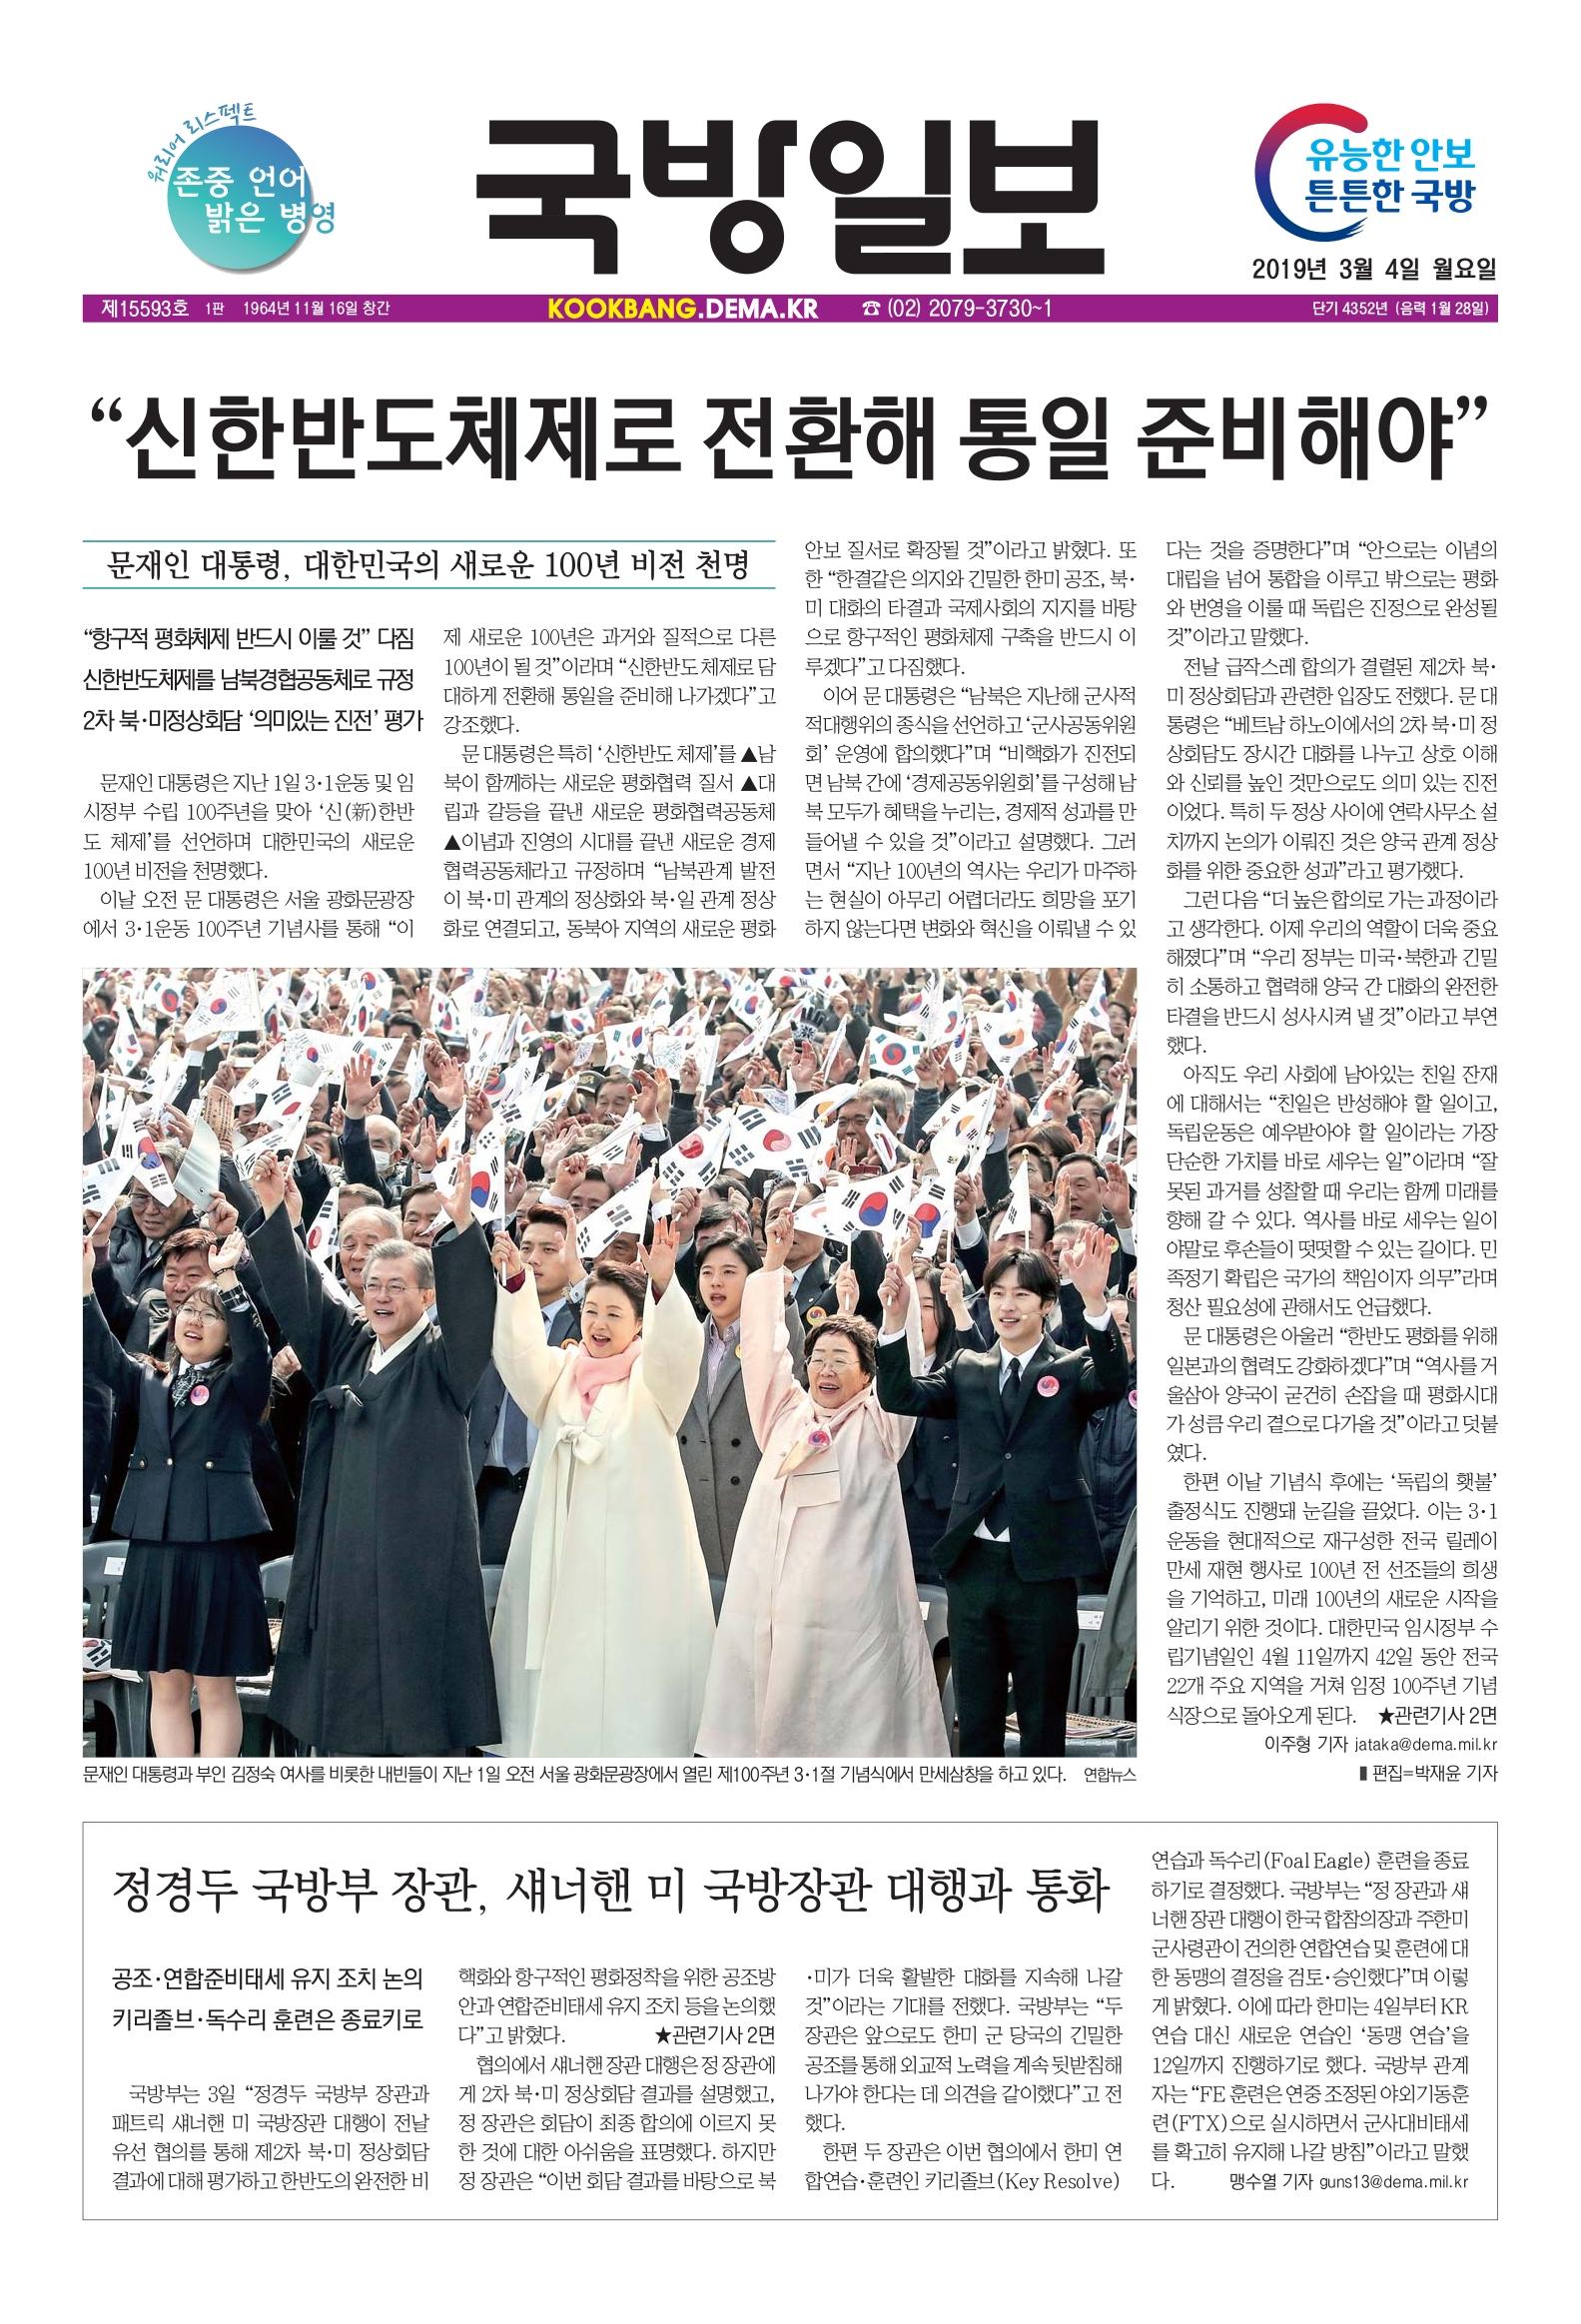 국방일보3월